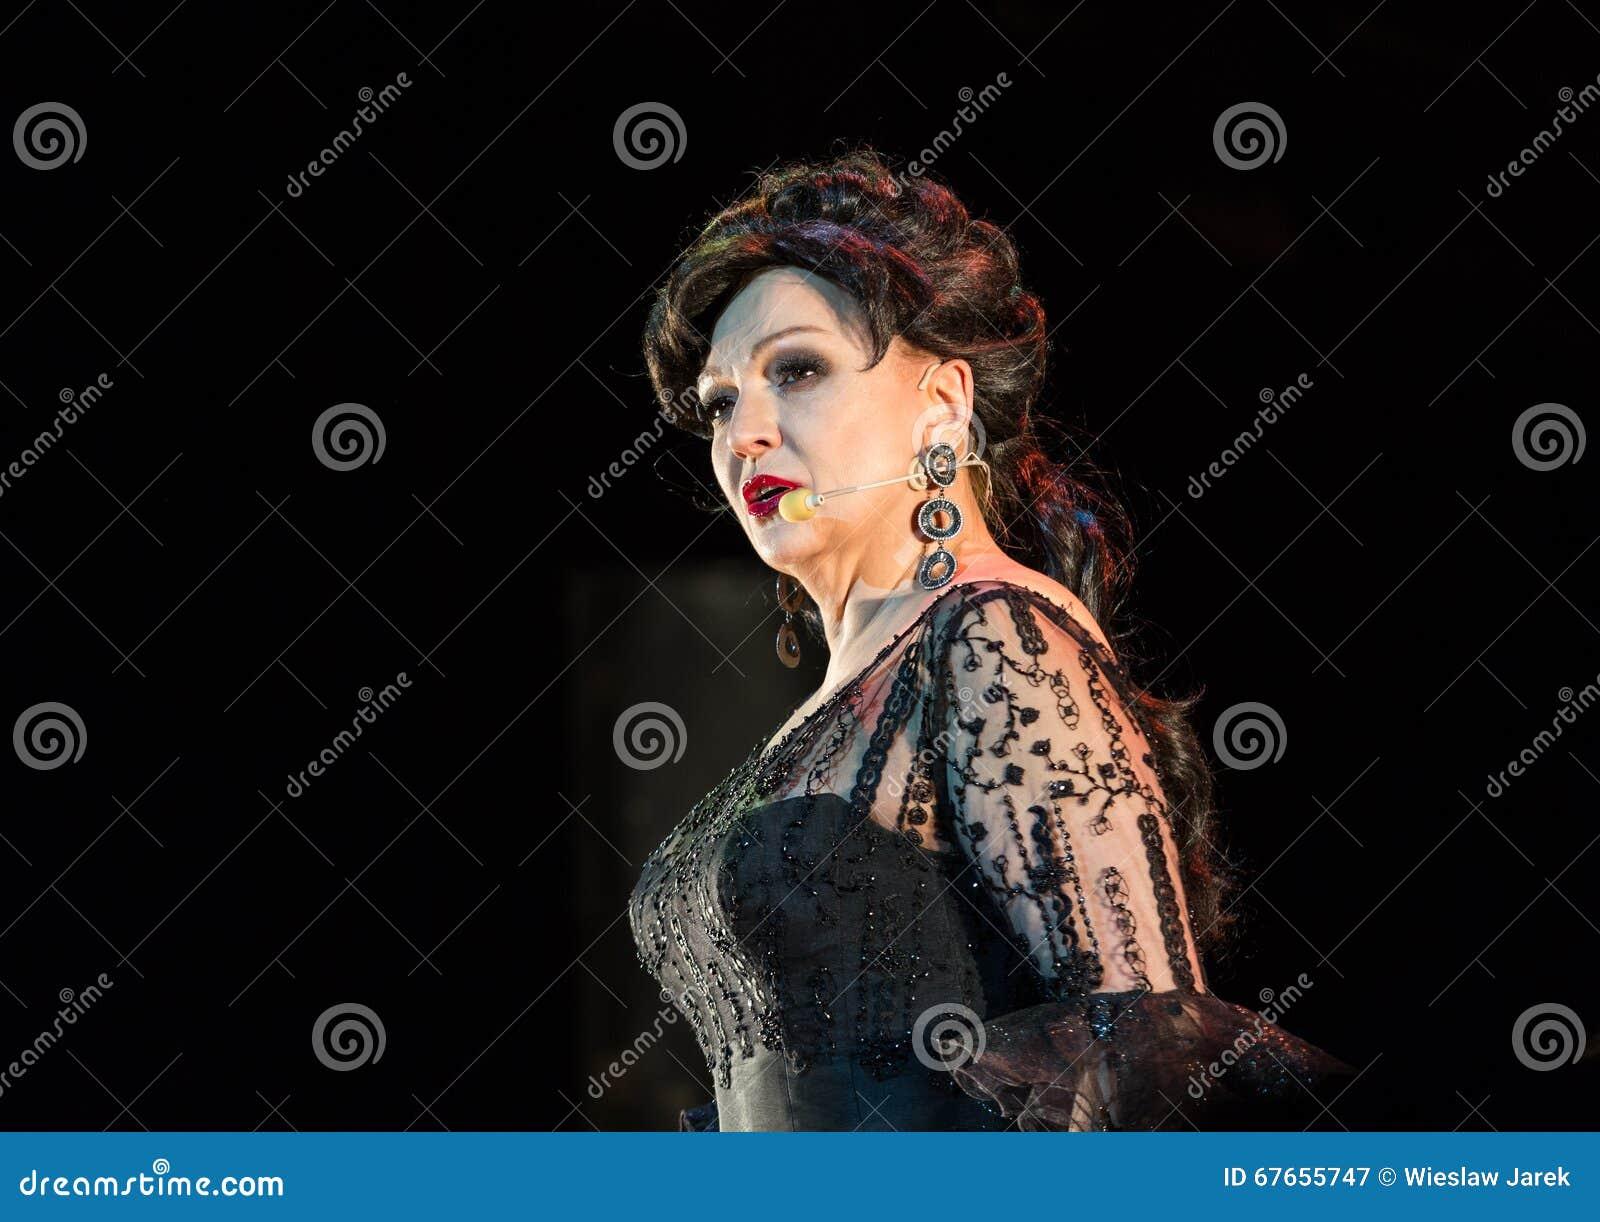 以Filharmonia Futura和M为特色的景象 Walewska -歌剧是生活